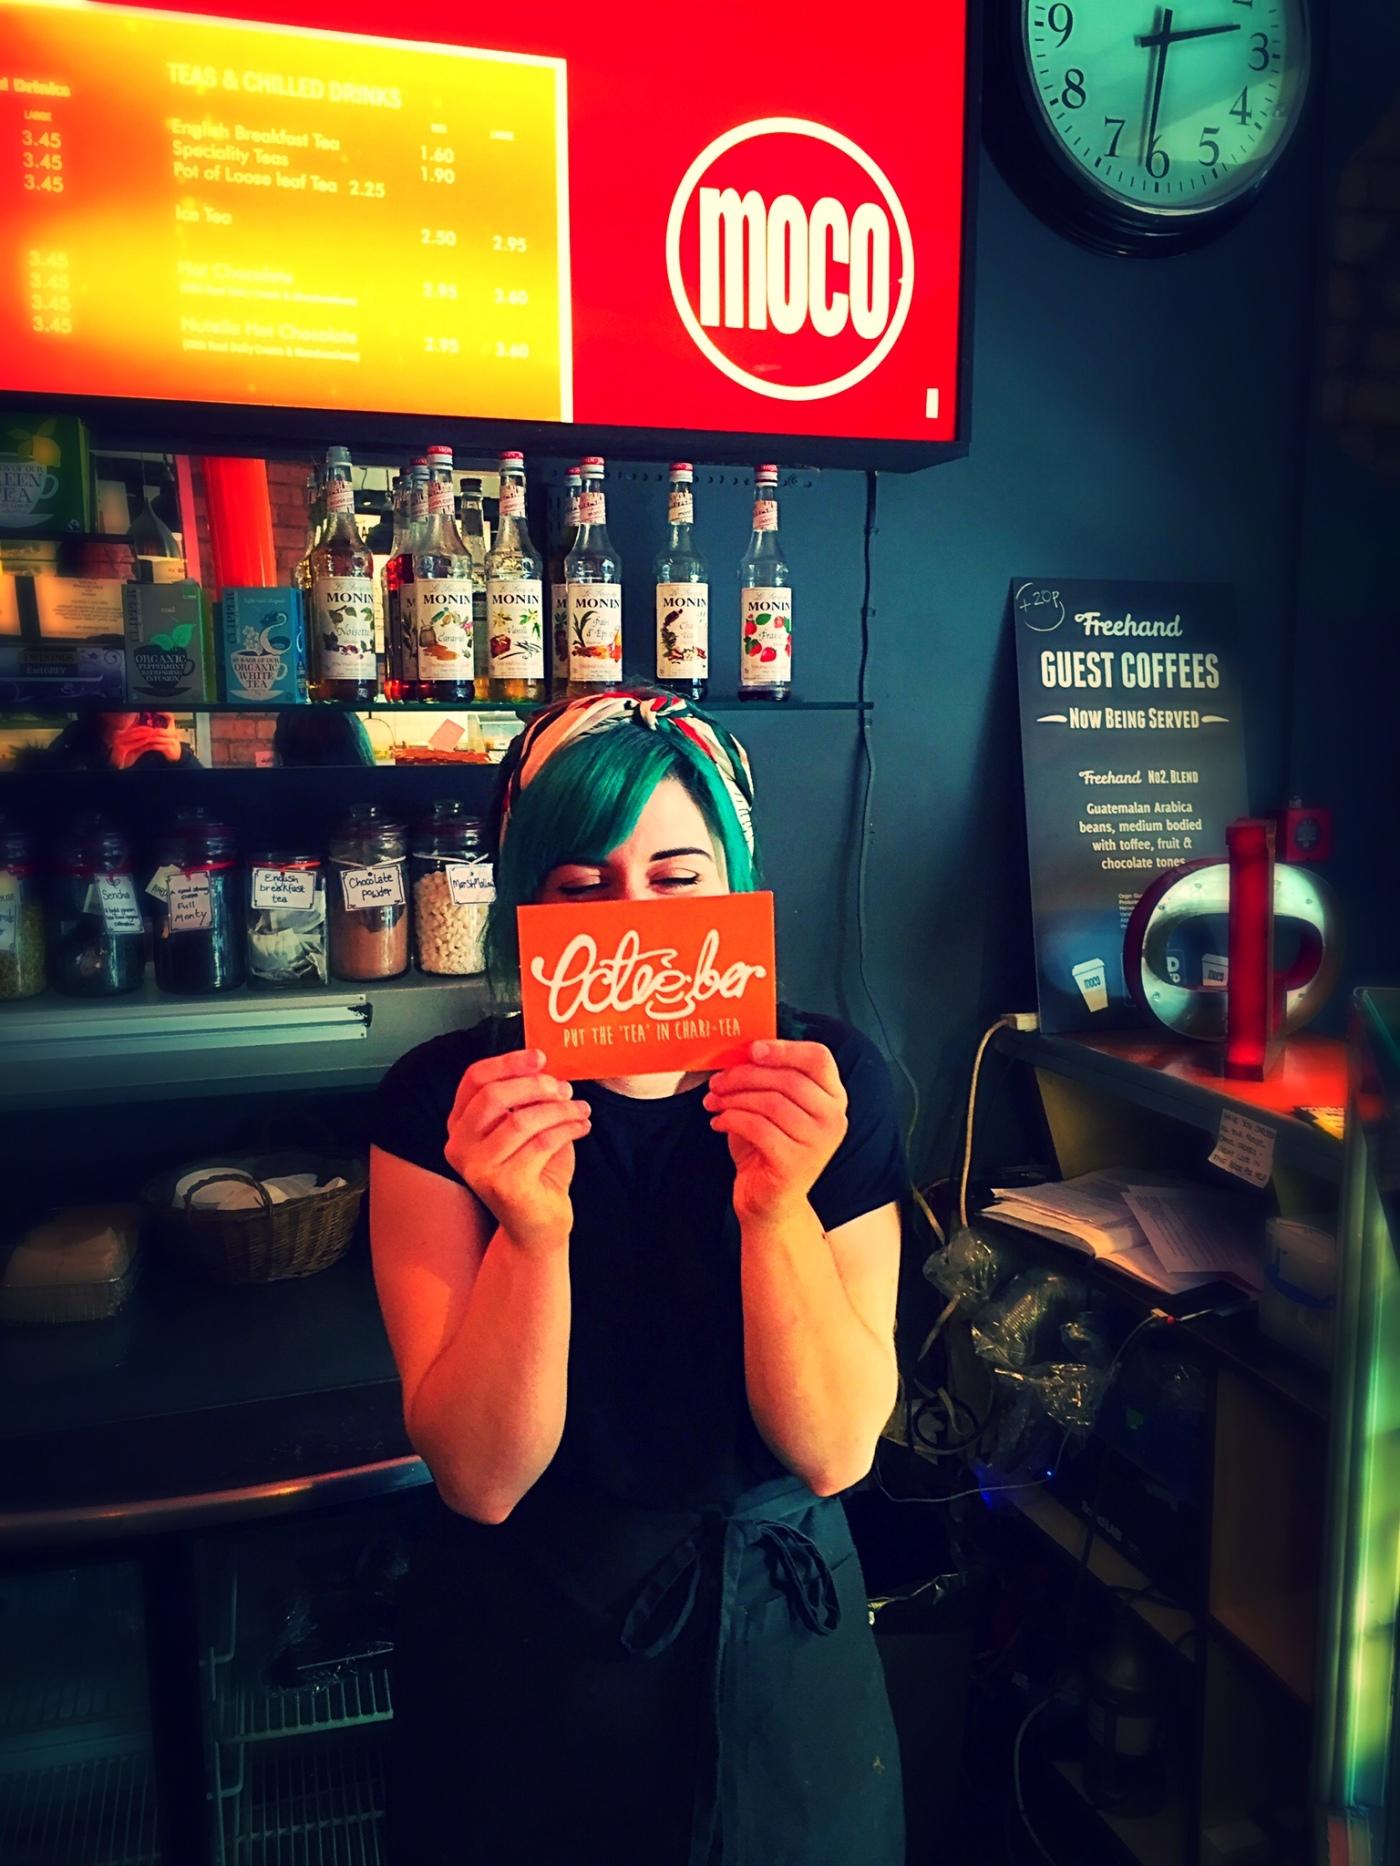 12. Cheeky Charlie at Cafe Moco